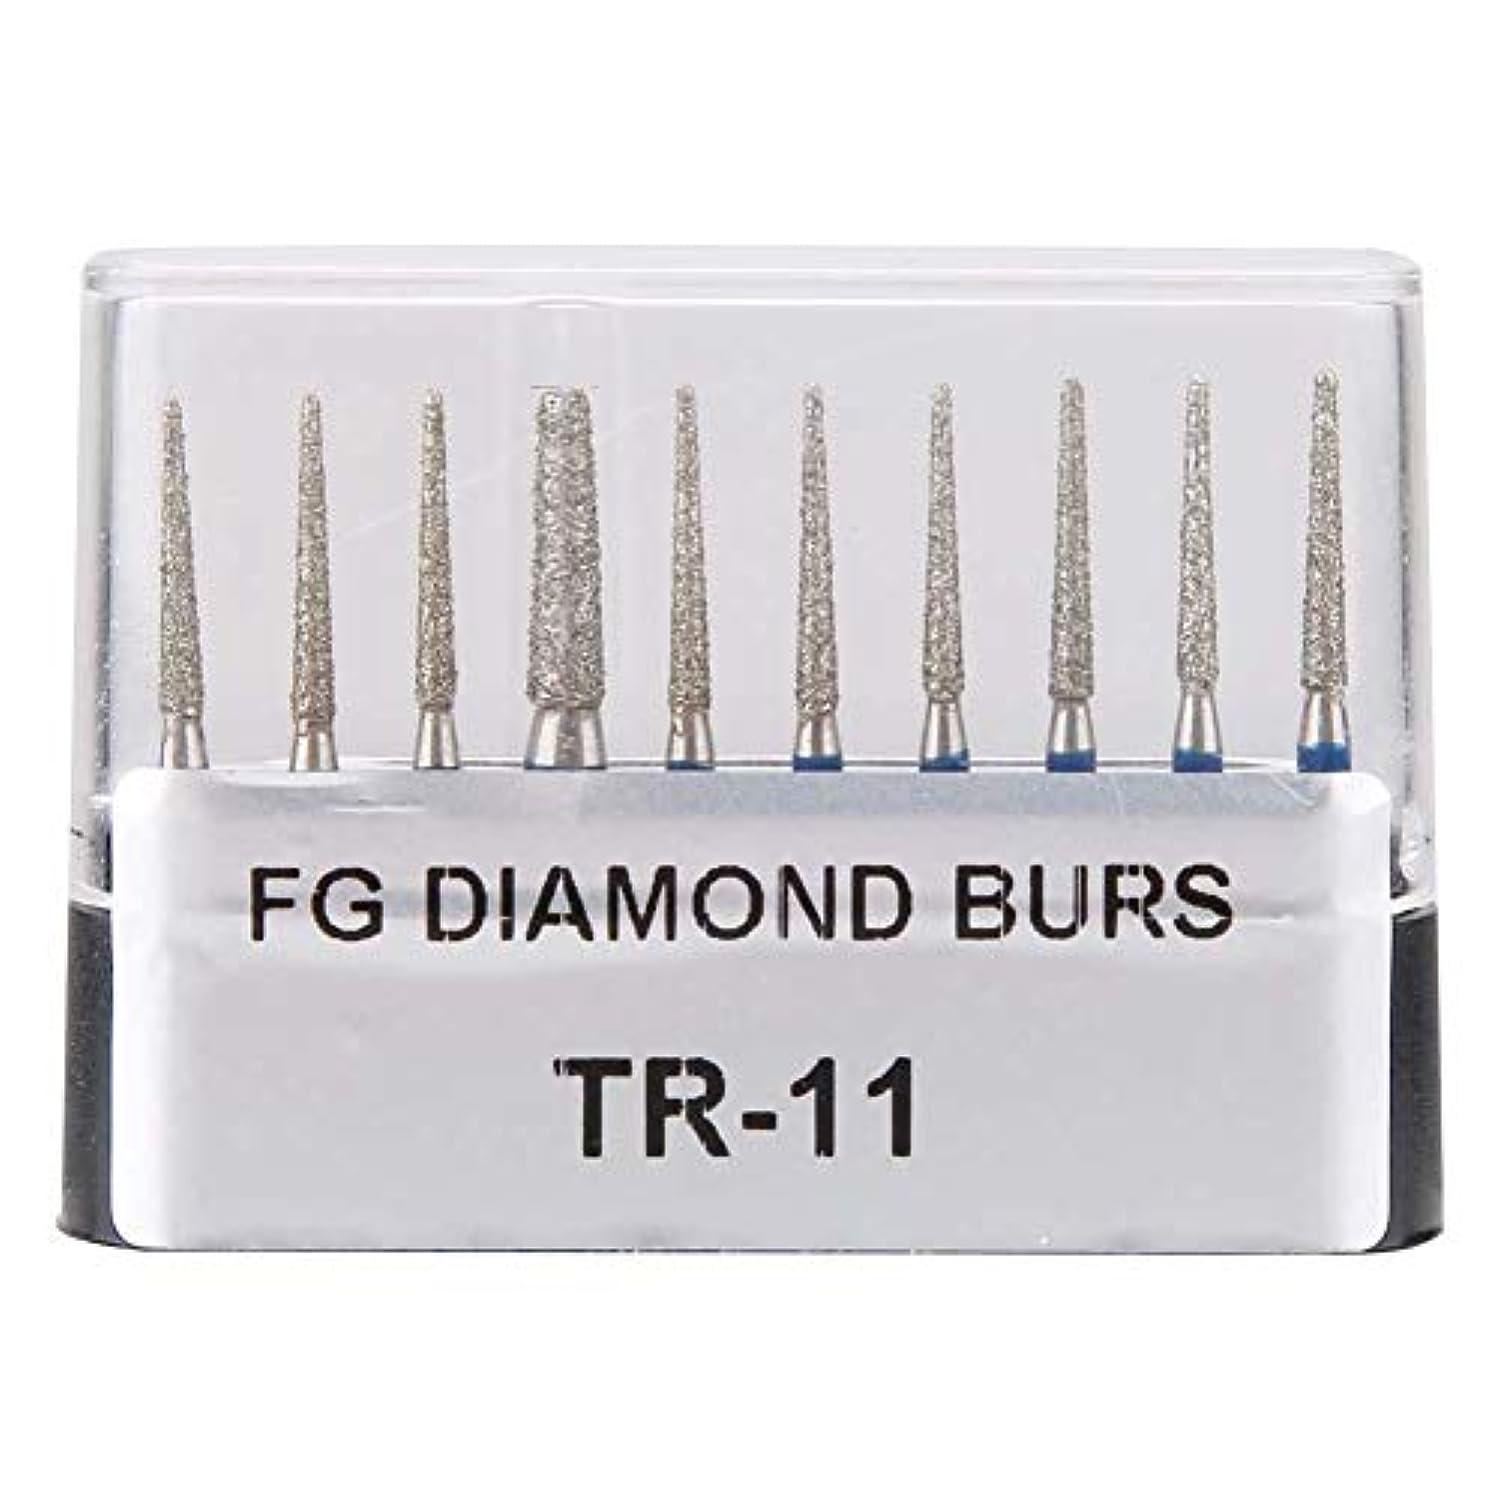 いちゃつく礼拝見えるTR-11 10pcs / set FG 1.6mm高速歯科用ダイヤモンドバー歯科医用ツール用歯磨き療法